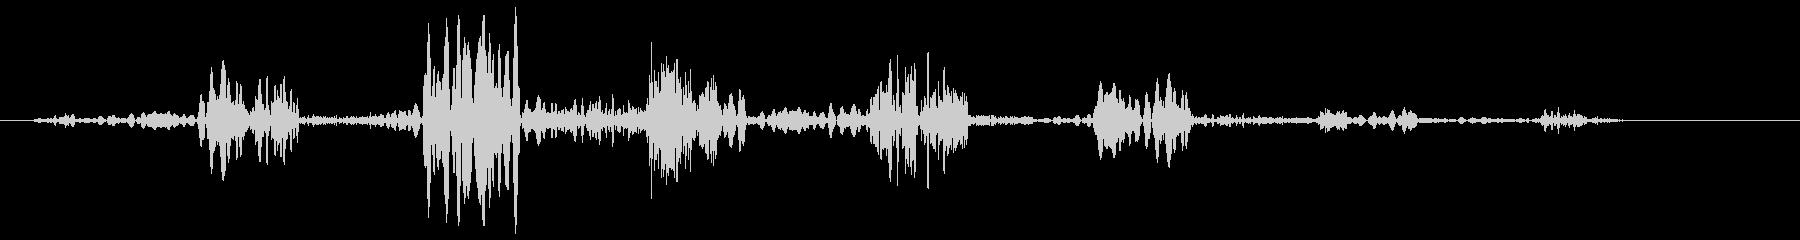 ピュルルルー(ロープを巻き取る音)の未再生の波形